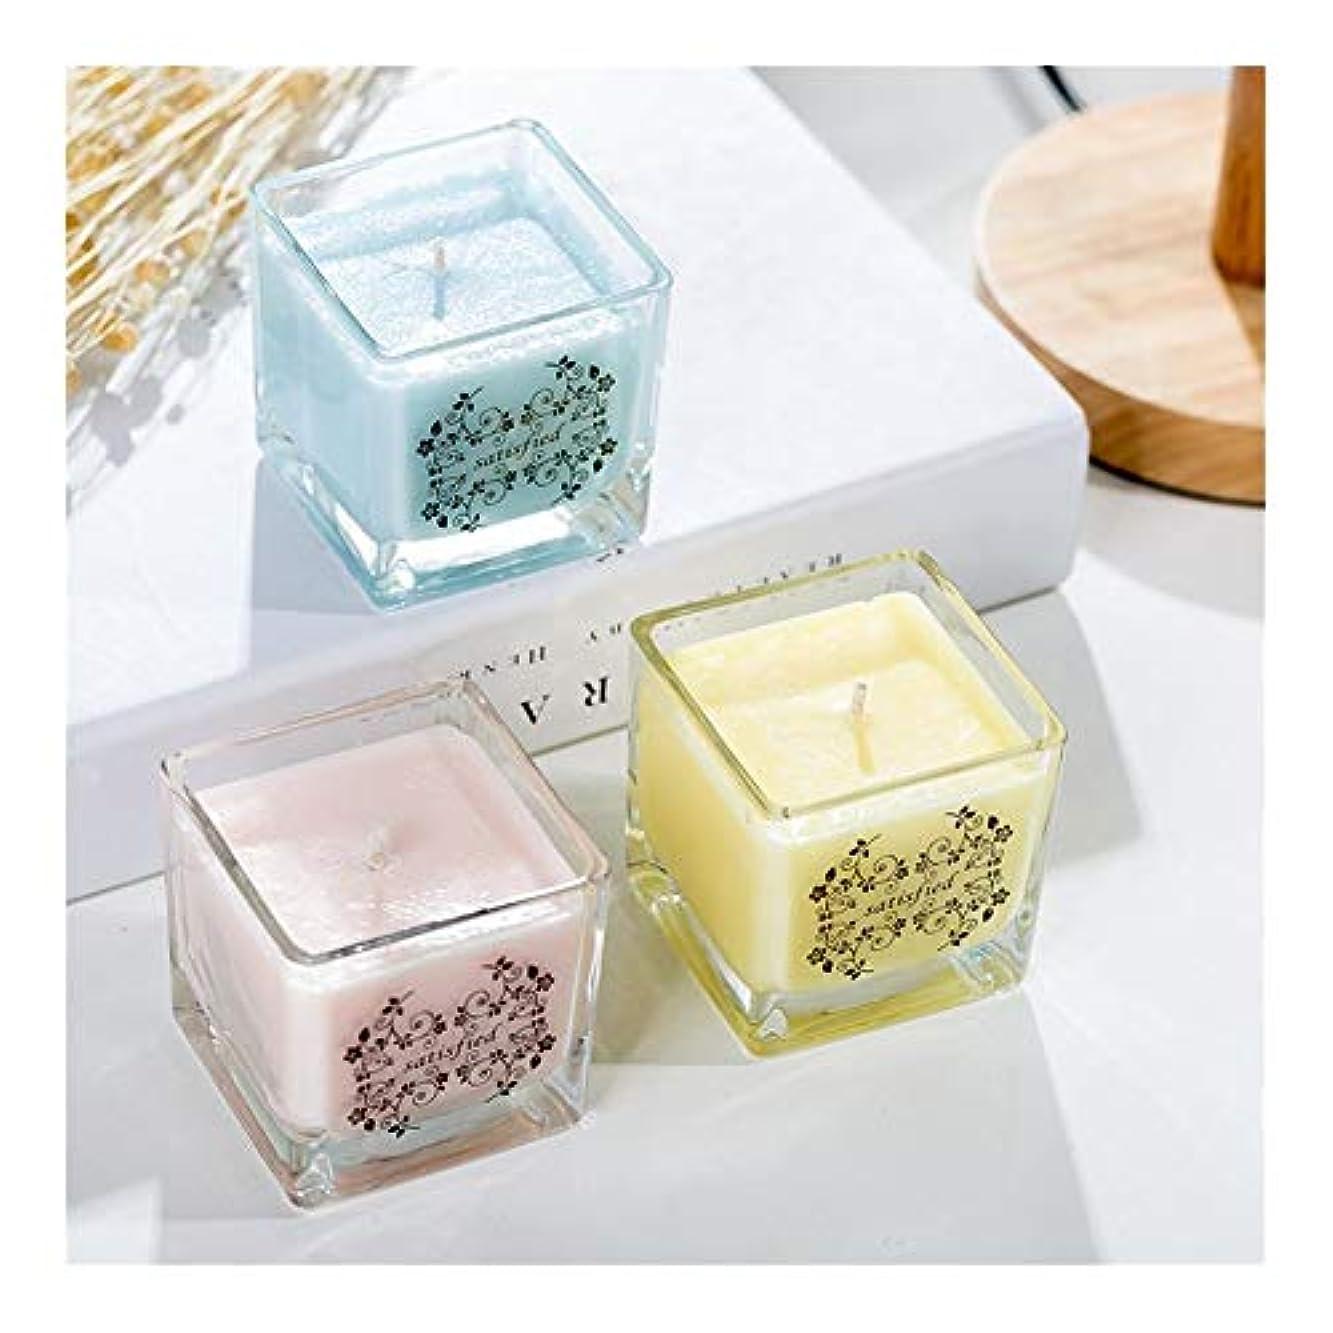 数値不適切なポータブルGuomao 正方形の無煙ガラスの大豆の香料入りの蝋燭の屋内新鮮な空気のラベンダーの香り (色 : Night scent)